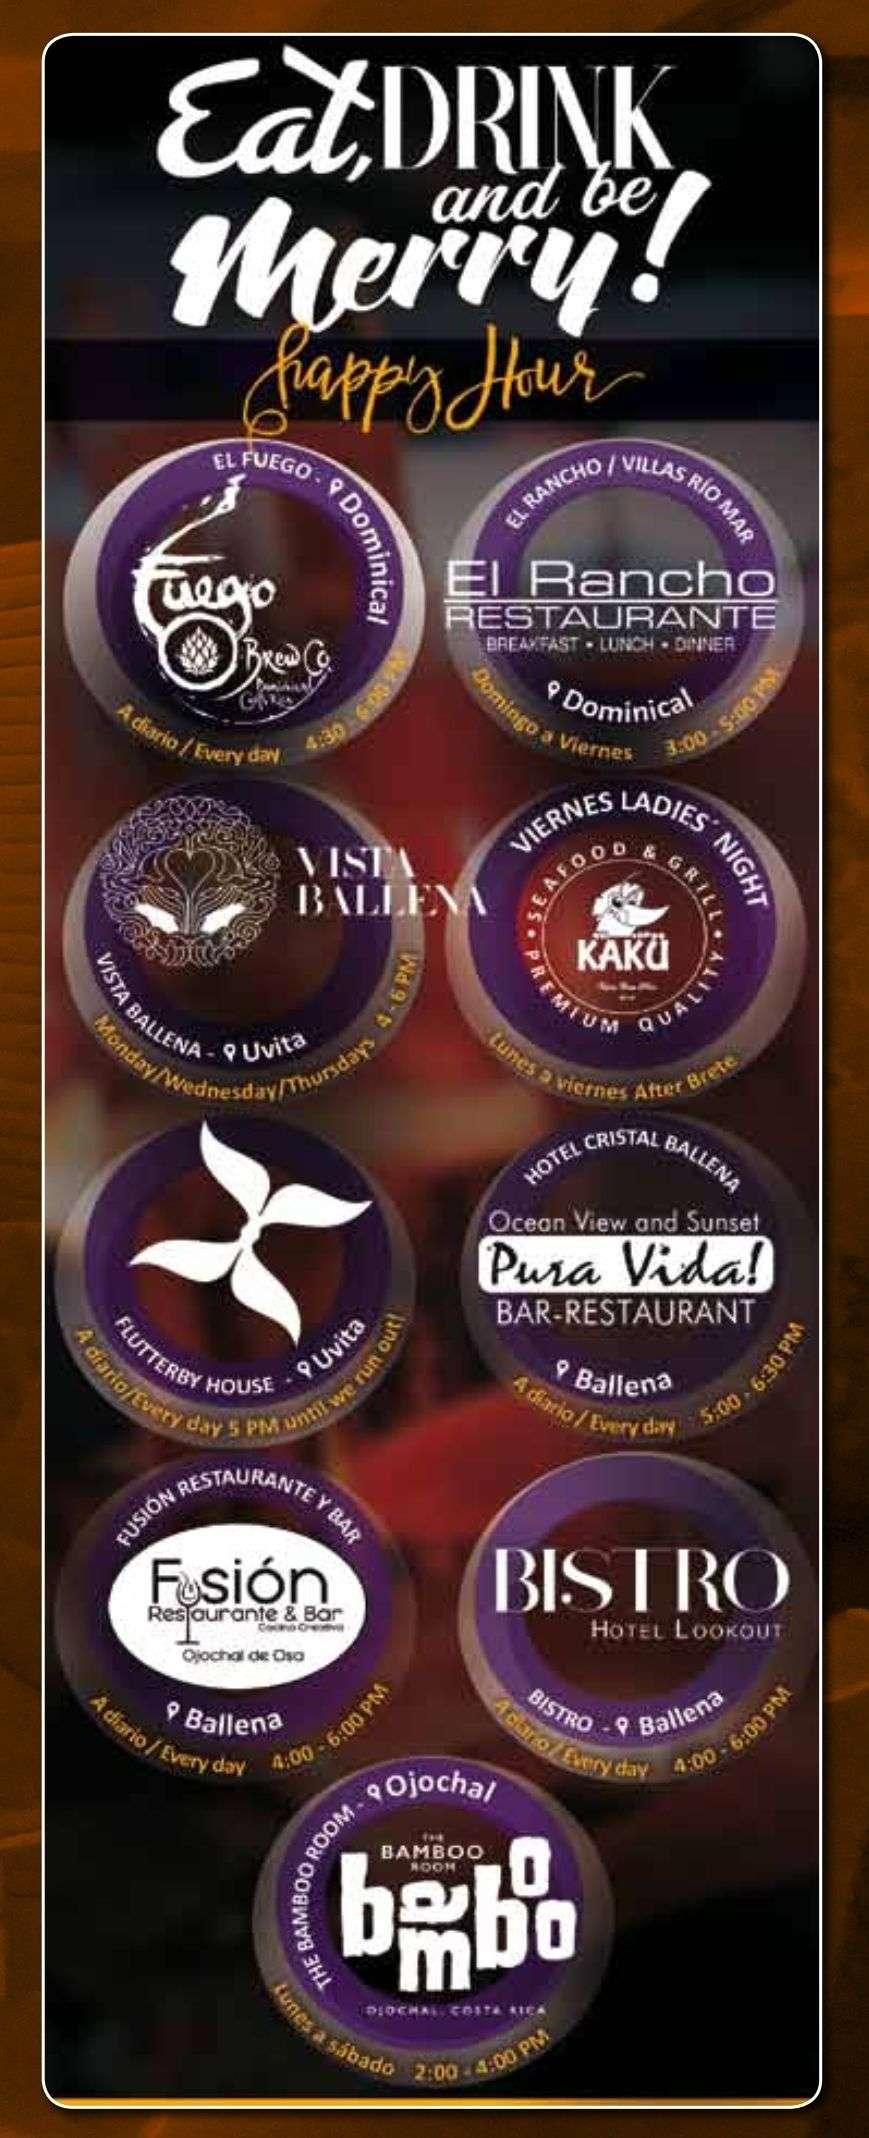 Events in Costa Ballena, Osa Peninsula and Costa Rica